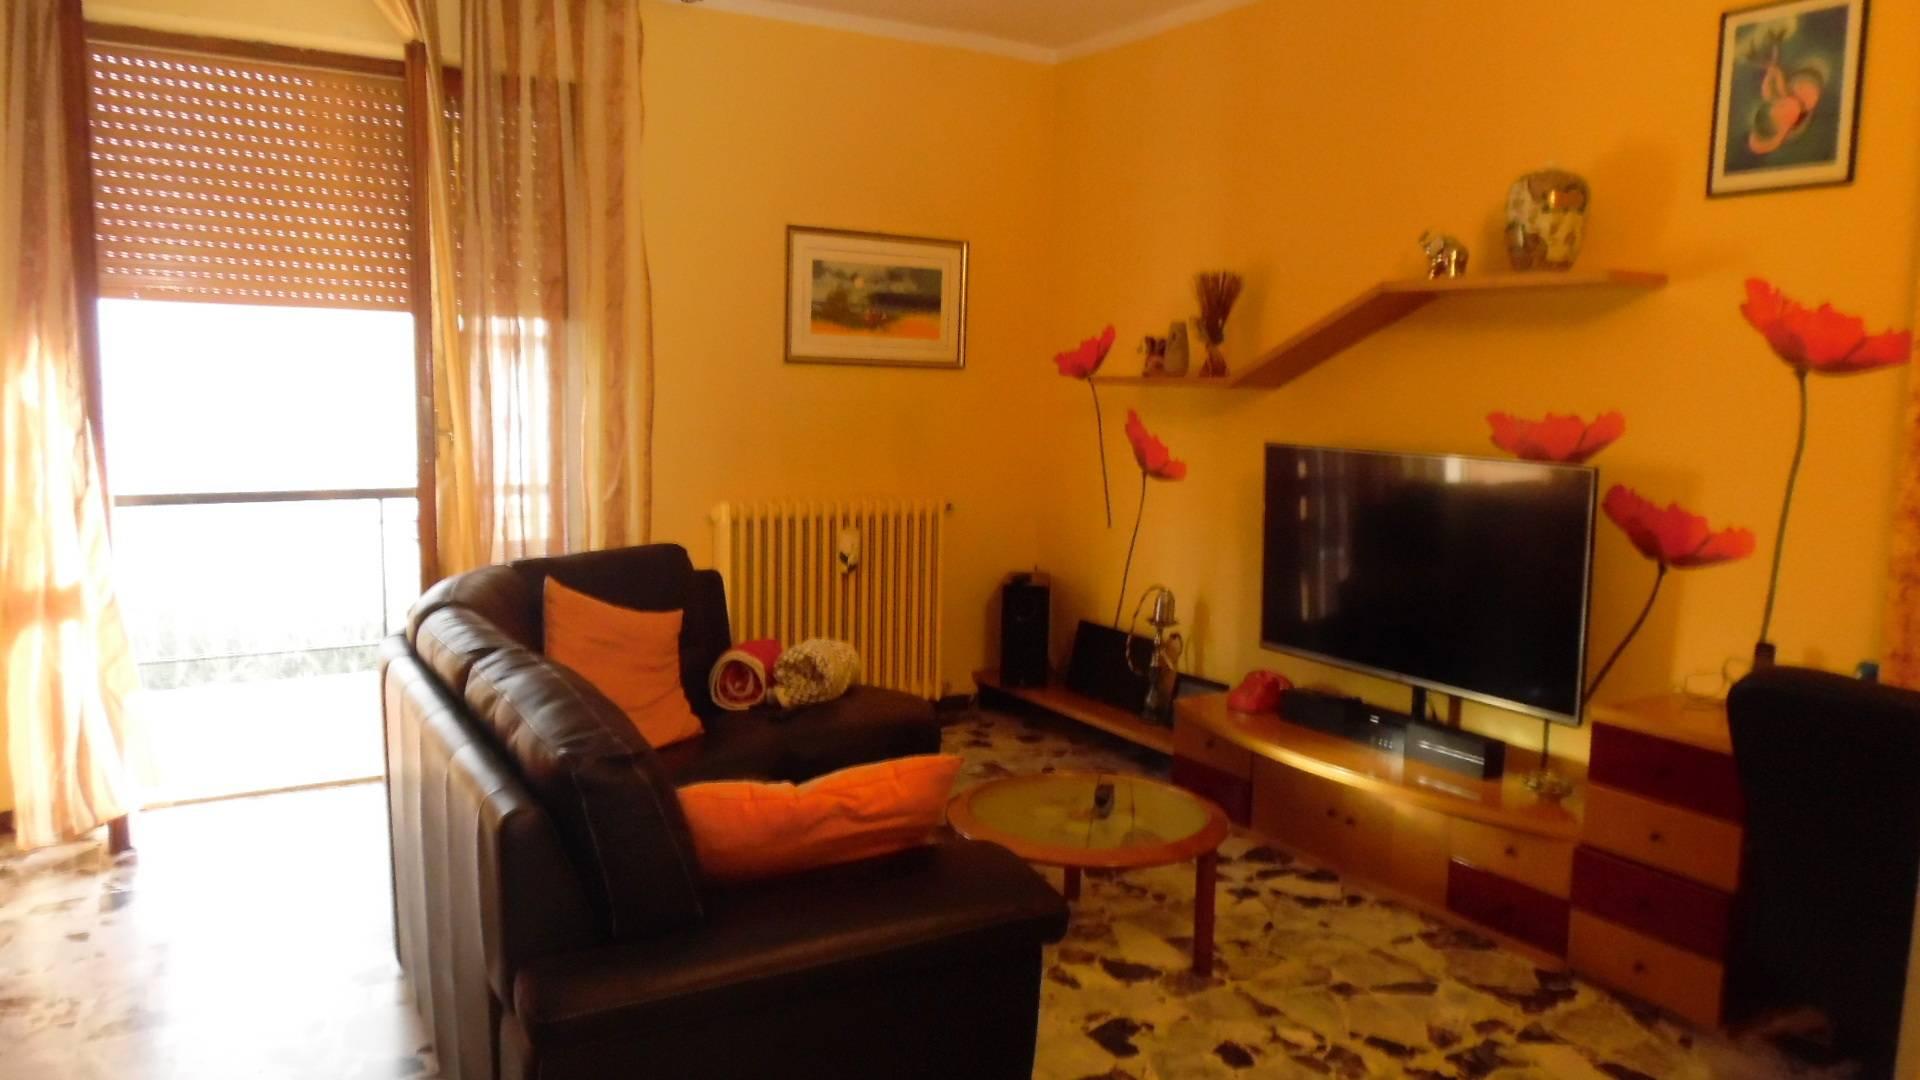 Appartamento in vendita a San Benedetto del Tronto, 4 locali, zona Località: PortodAscoli, prezzo € 210.000 | PortaleAgenzieImmobiliari.it